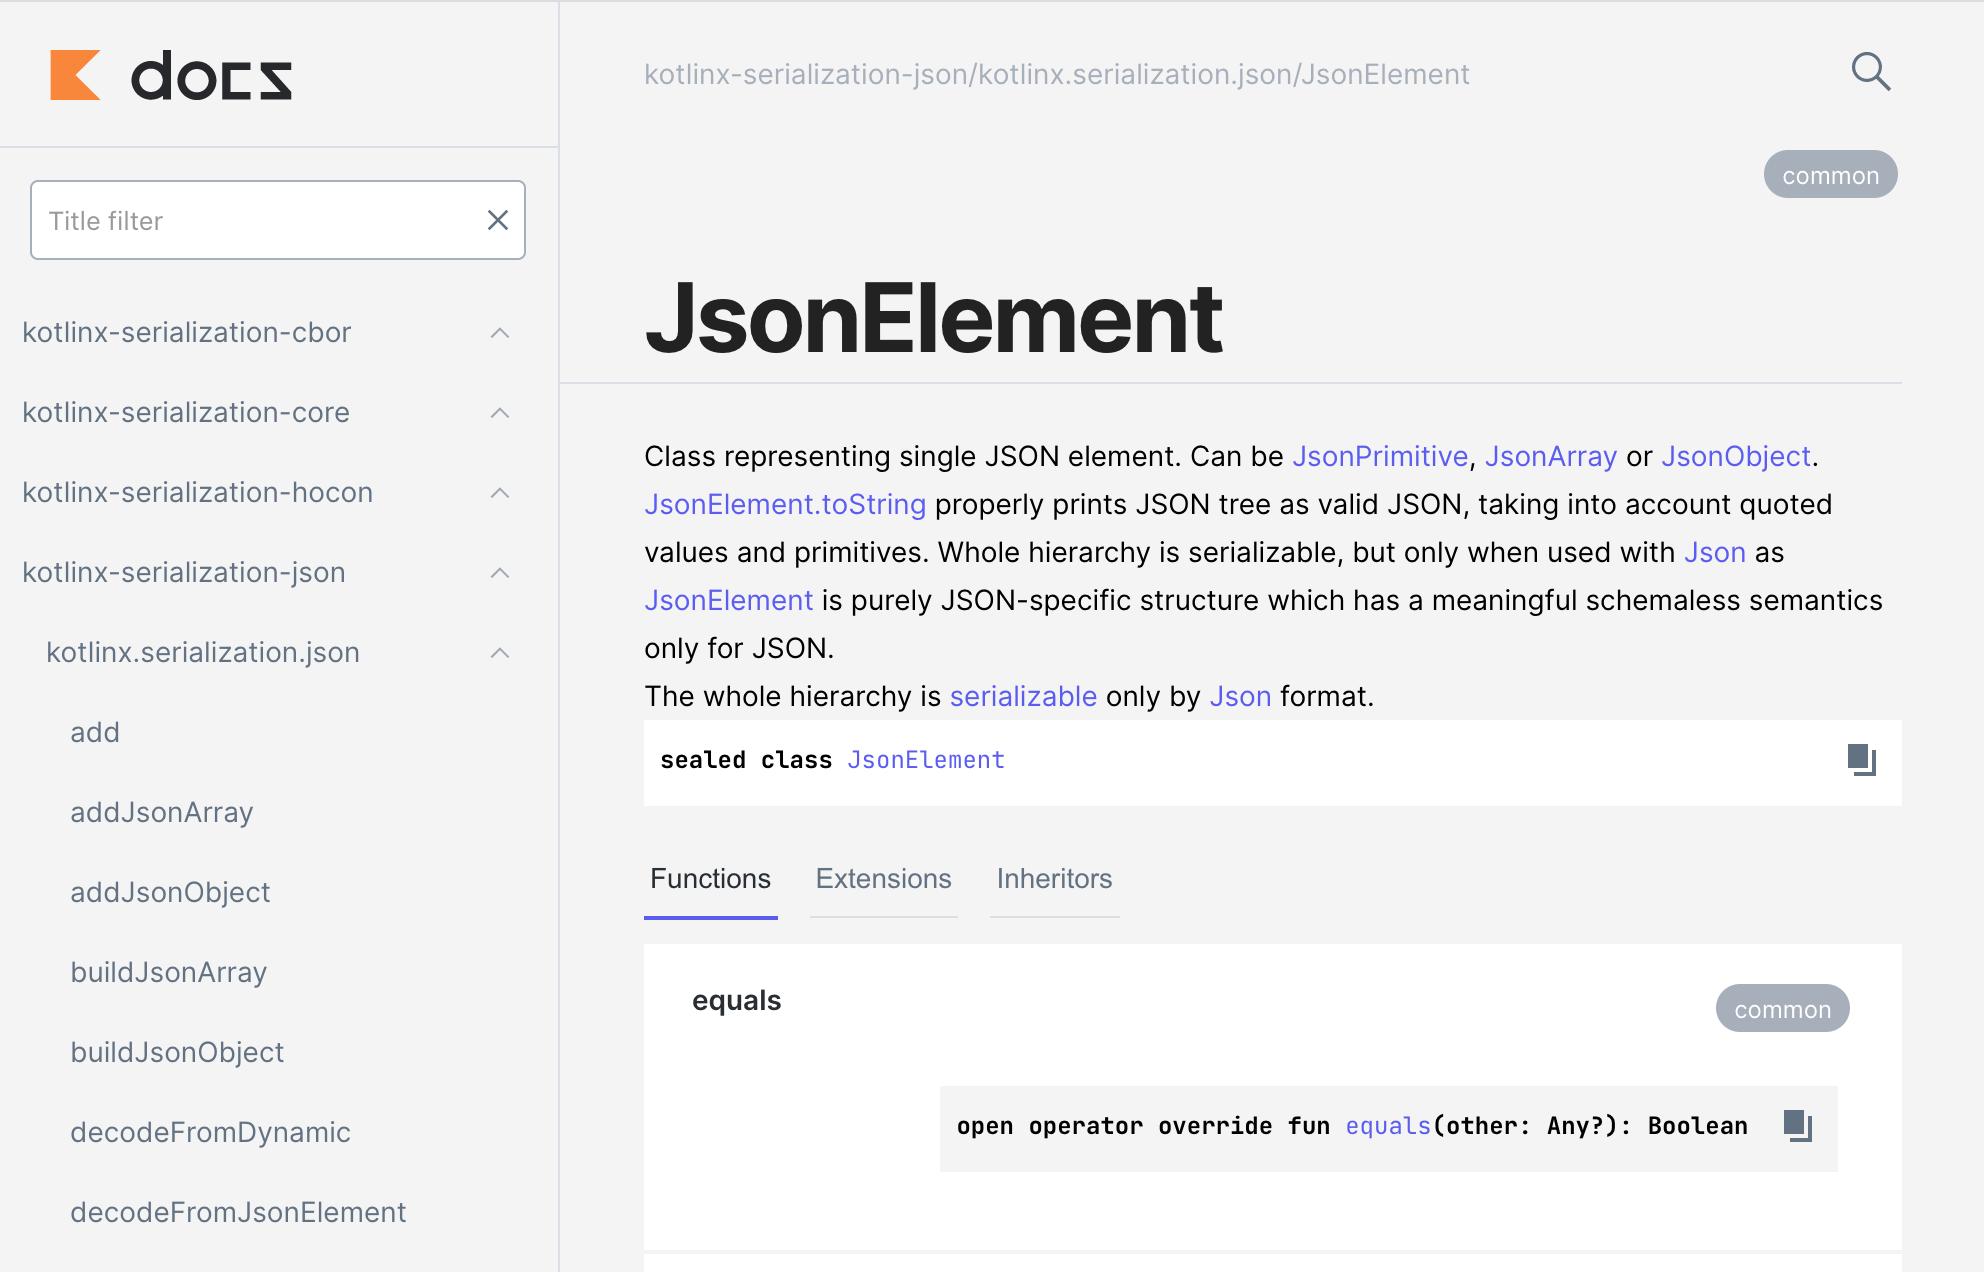 新しい API ドキュメントの例、表示されているのは JsonElement ドキュメント